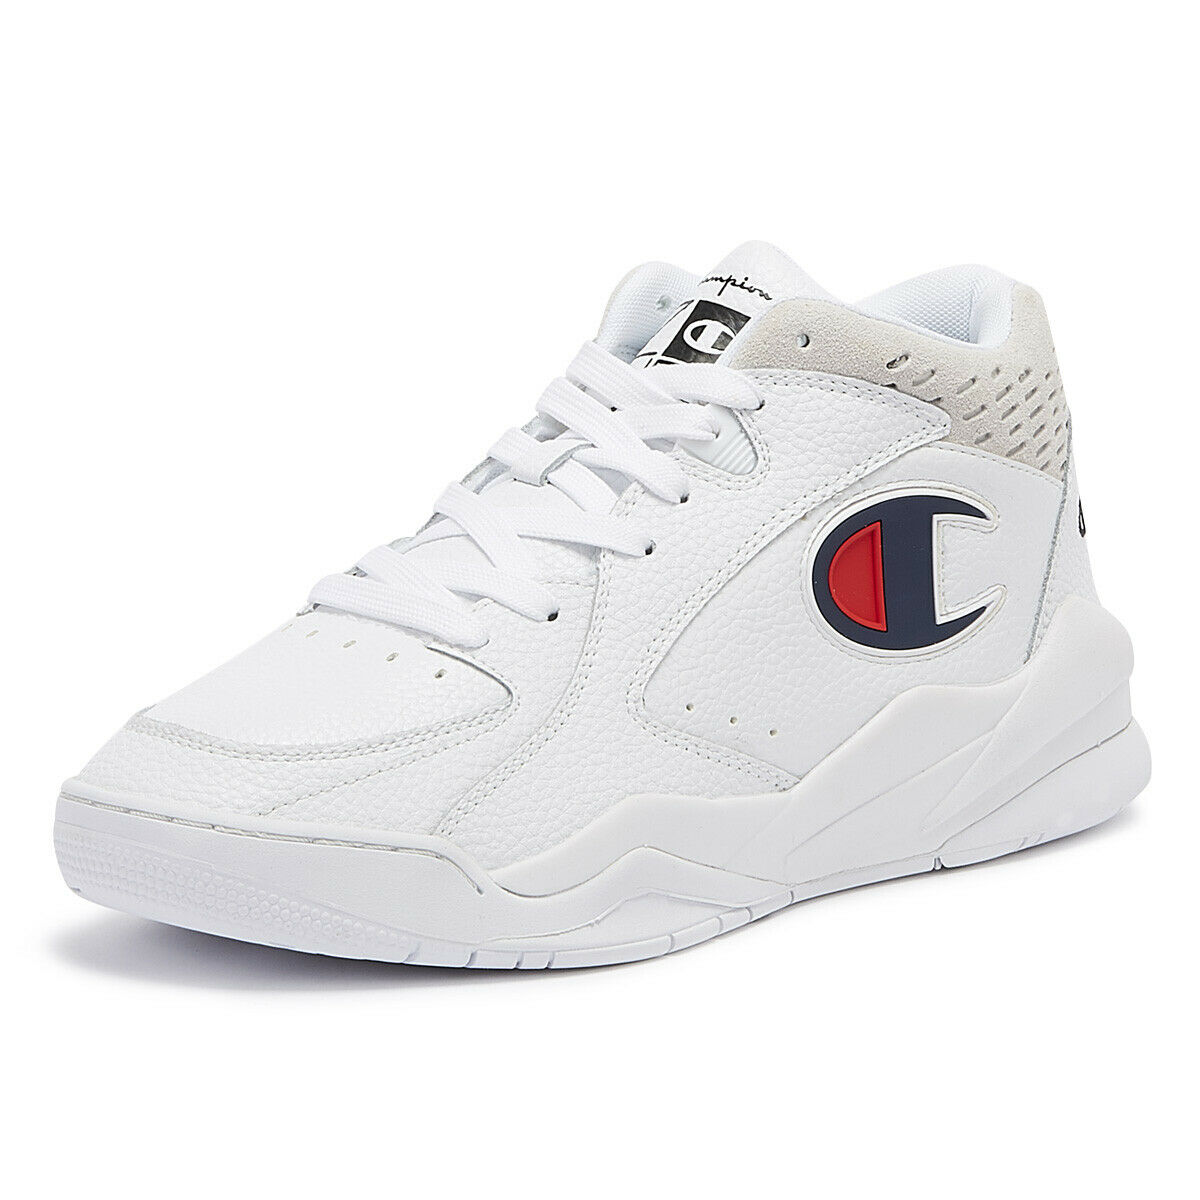 Champion Zone Mid Mens bianca Trainers Lace Up Sport  Case Casual  fornire un prodotto di qualità